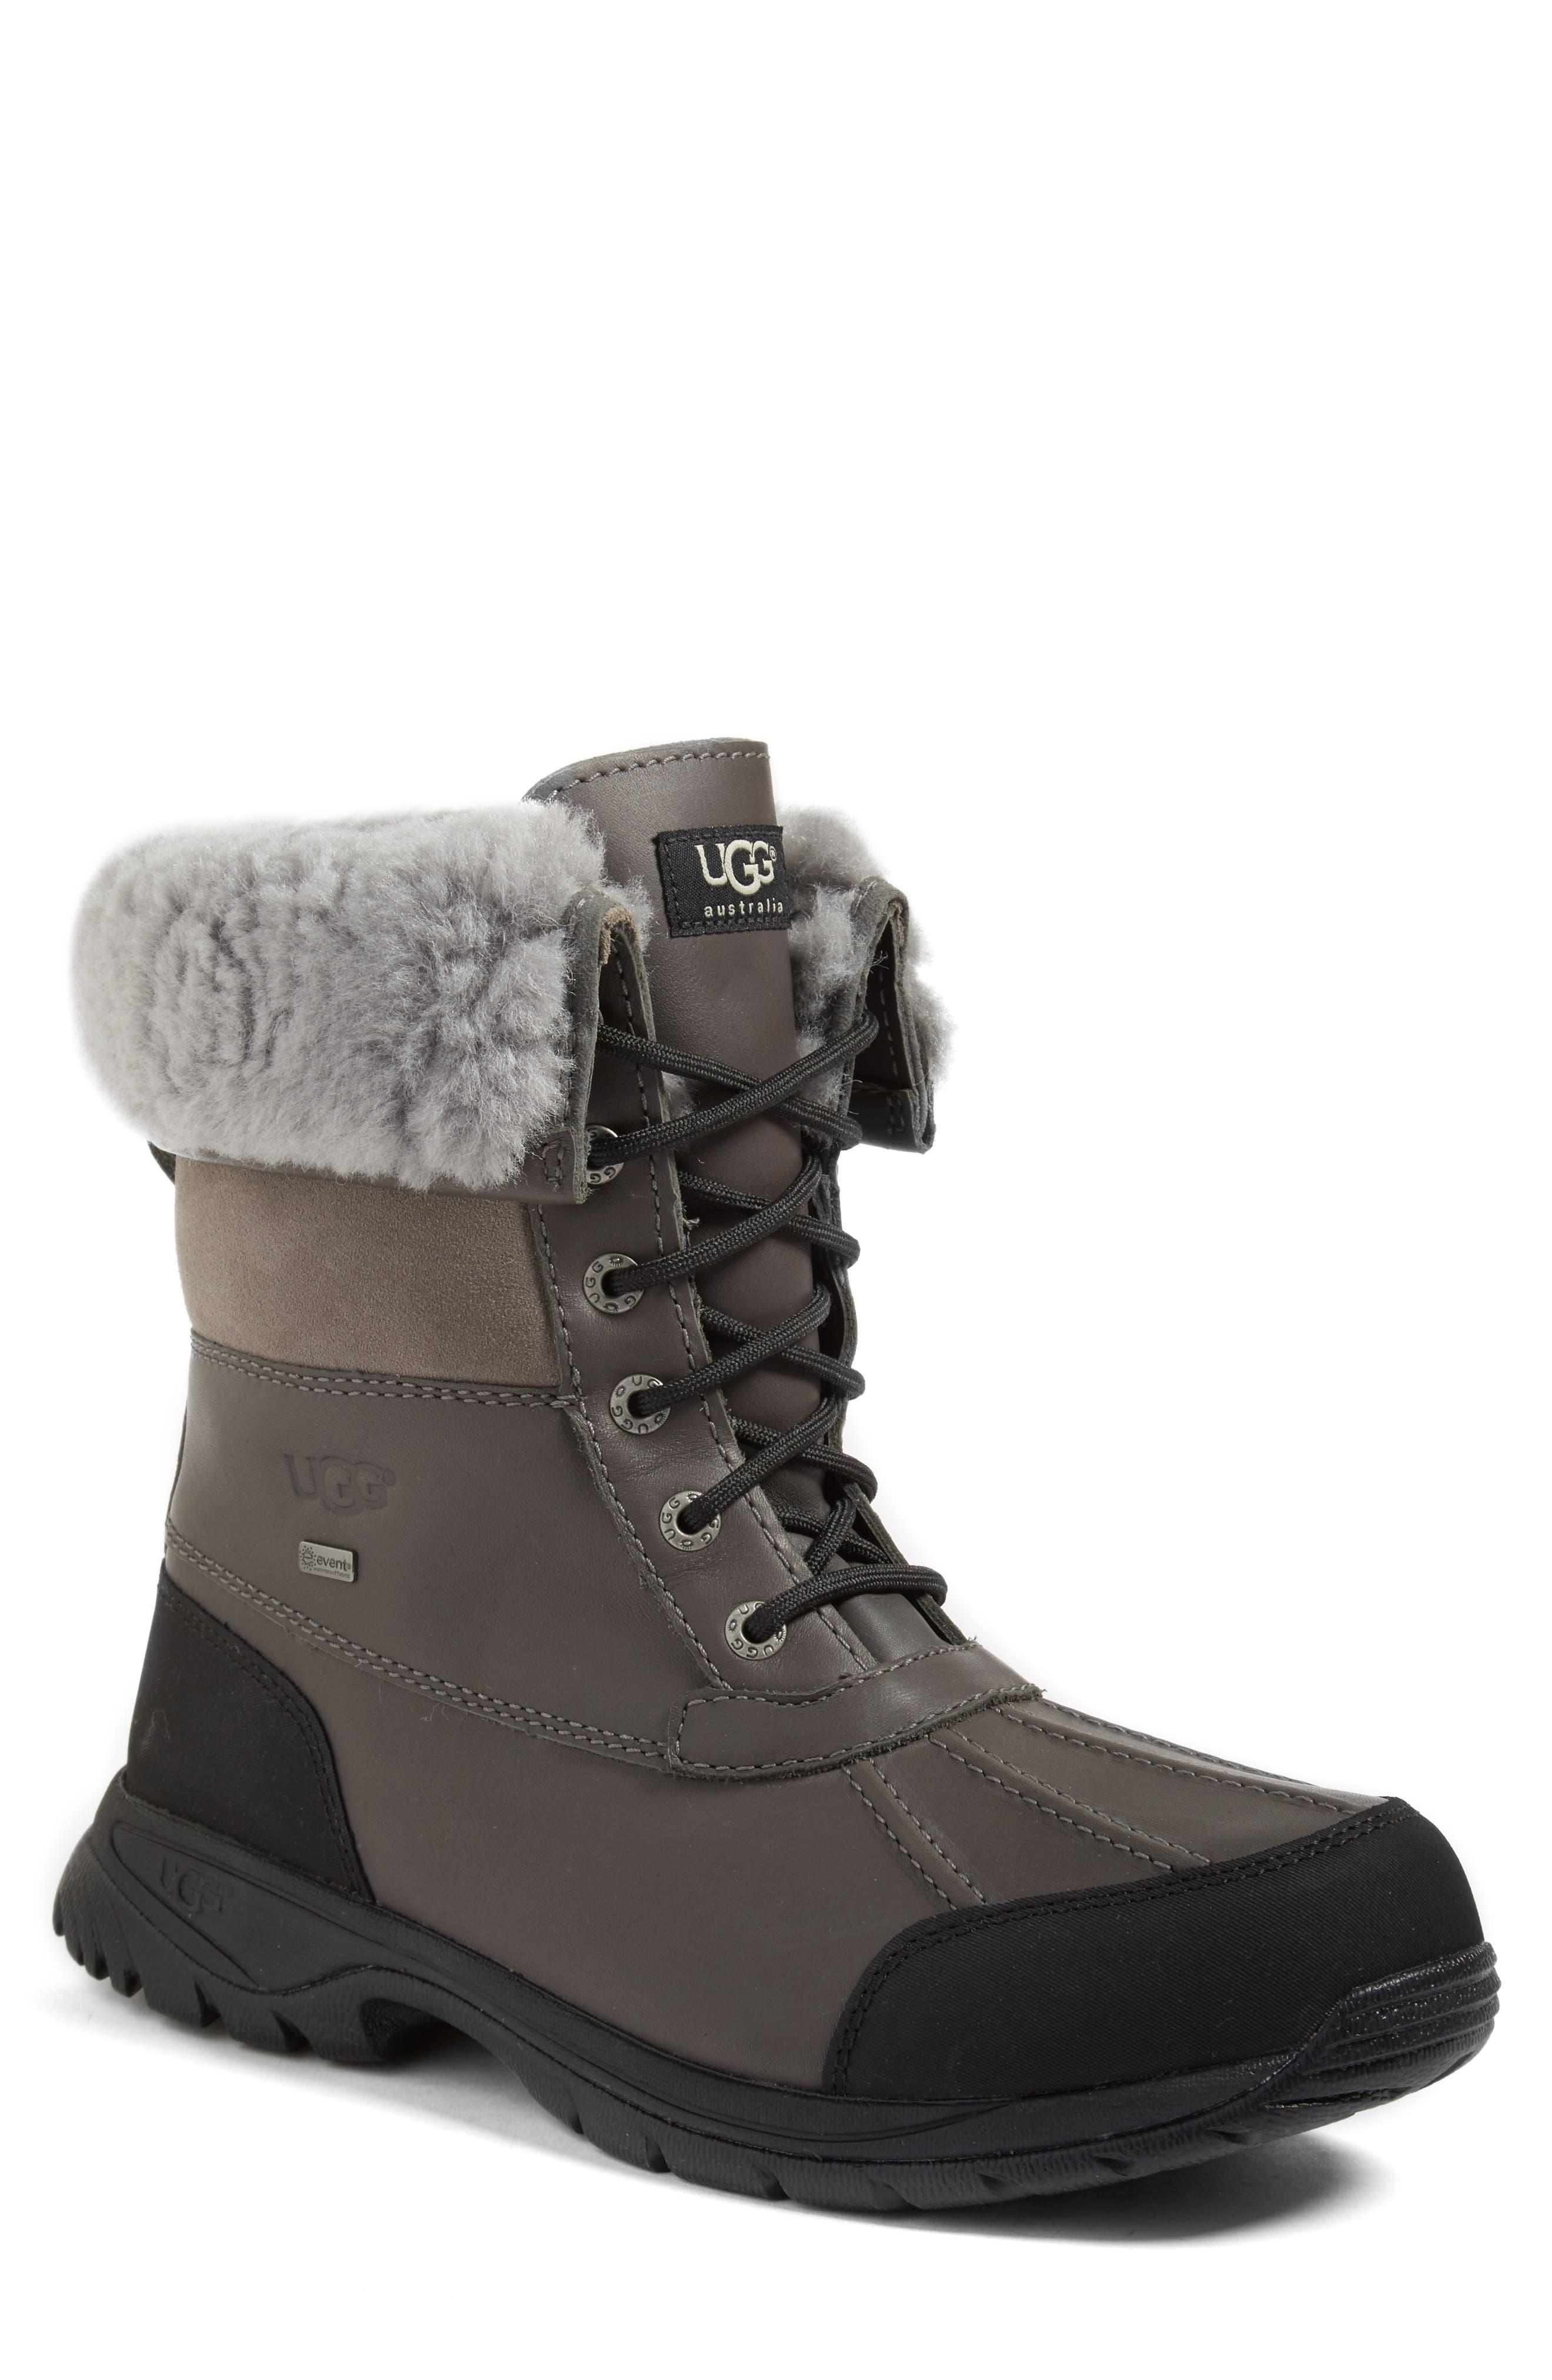 Ugg Butte Waterproof Boot- Grey